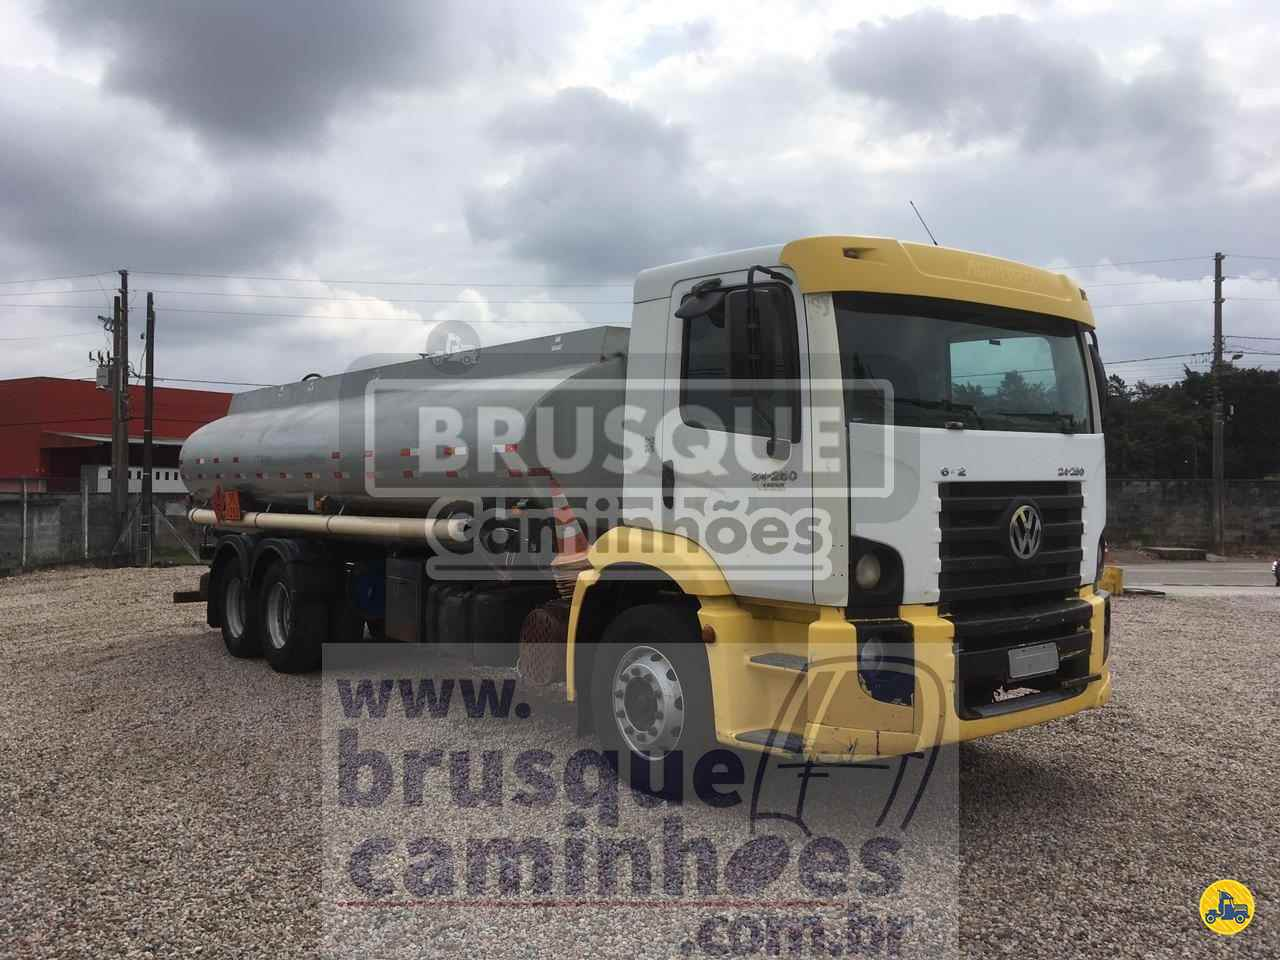 VW 24250 de Brusque Caminhões - BRUSQUE/SC